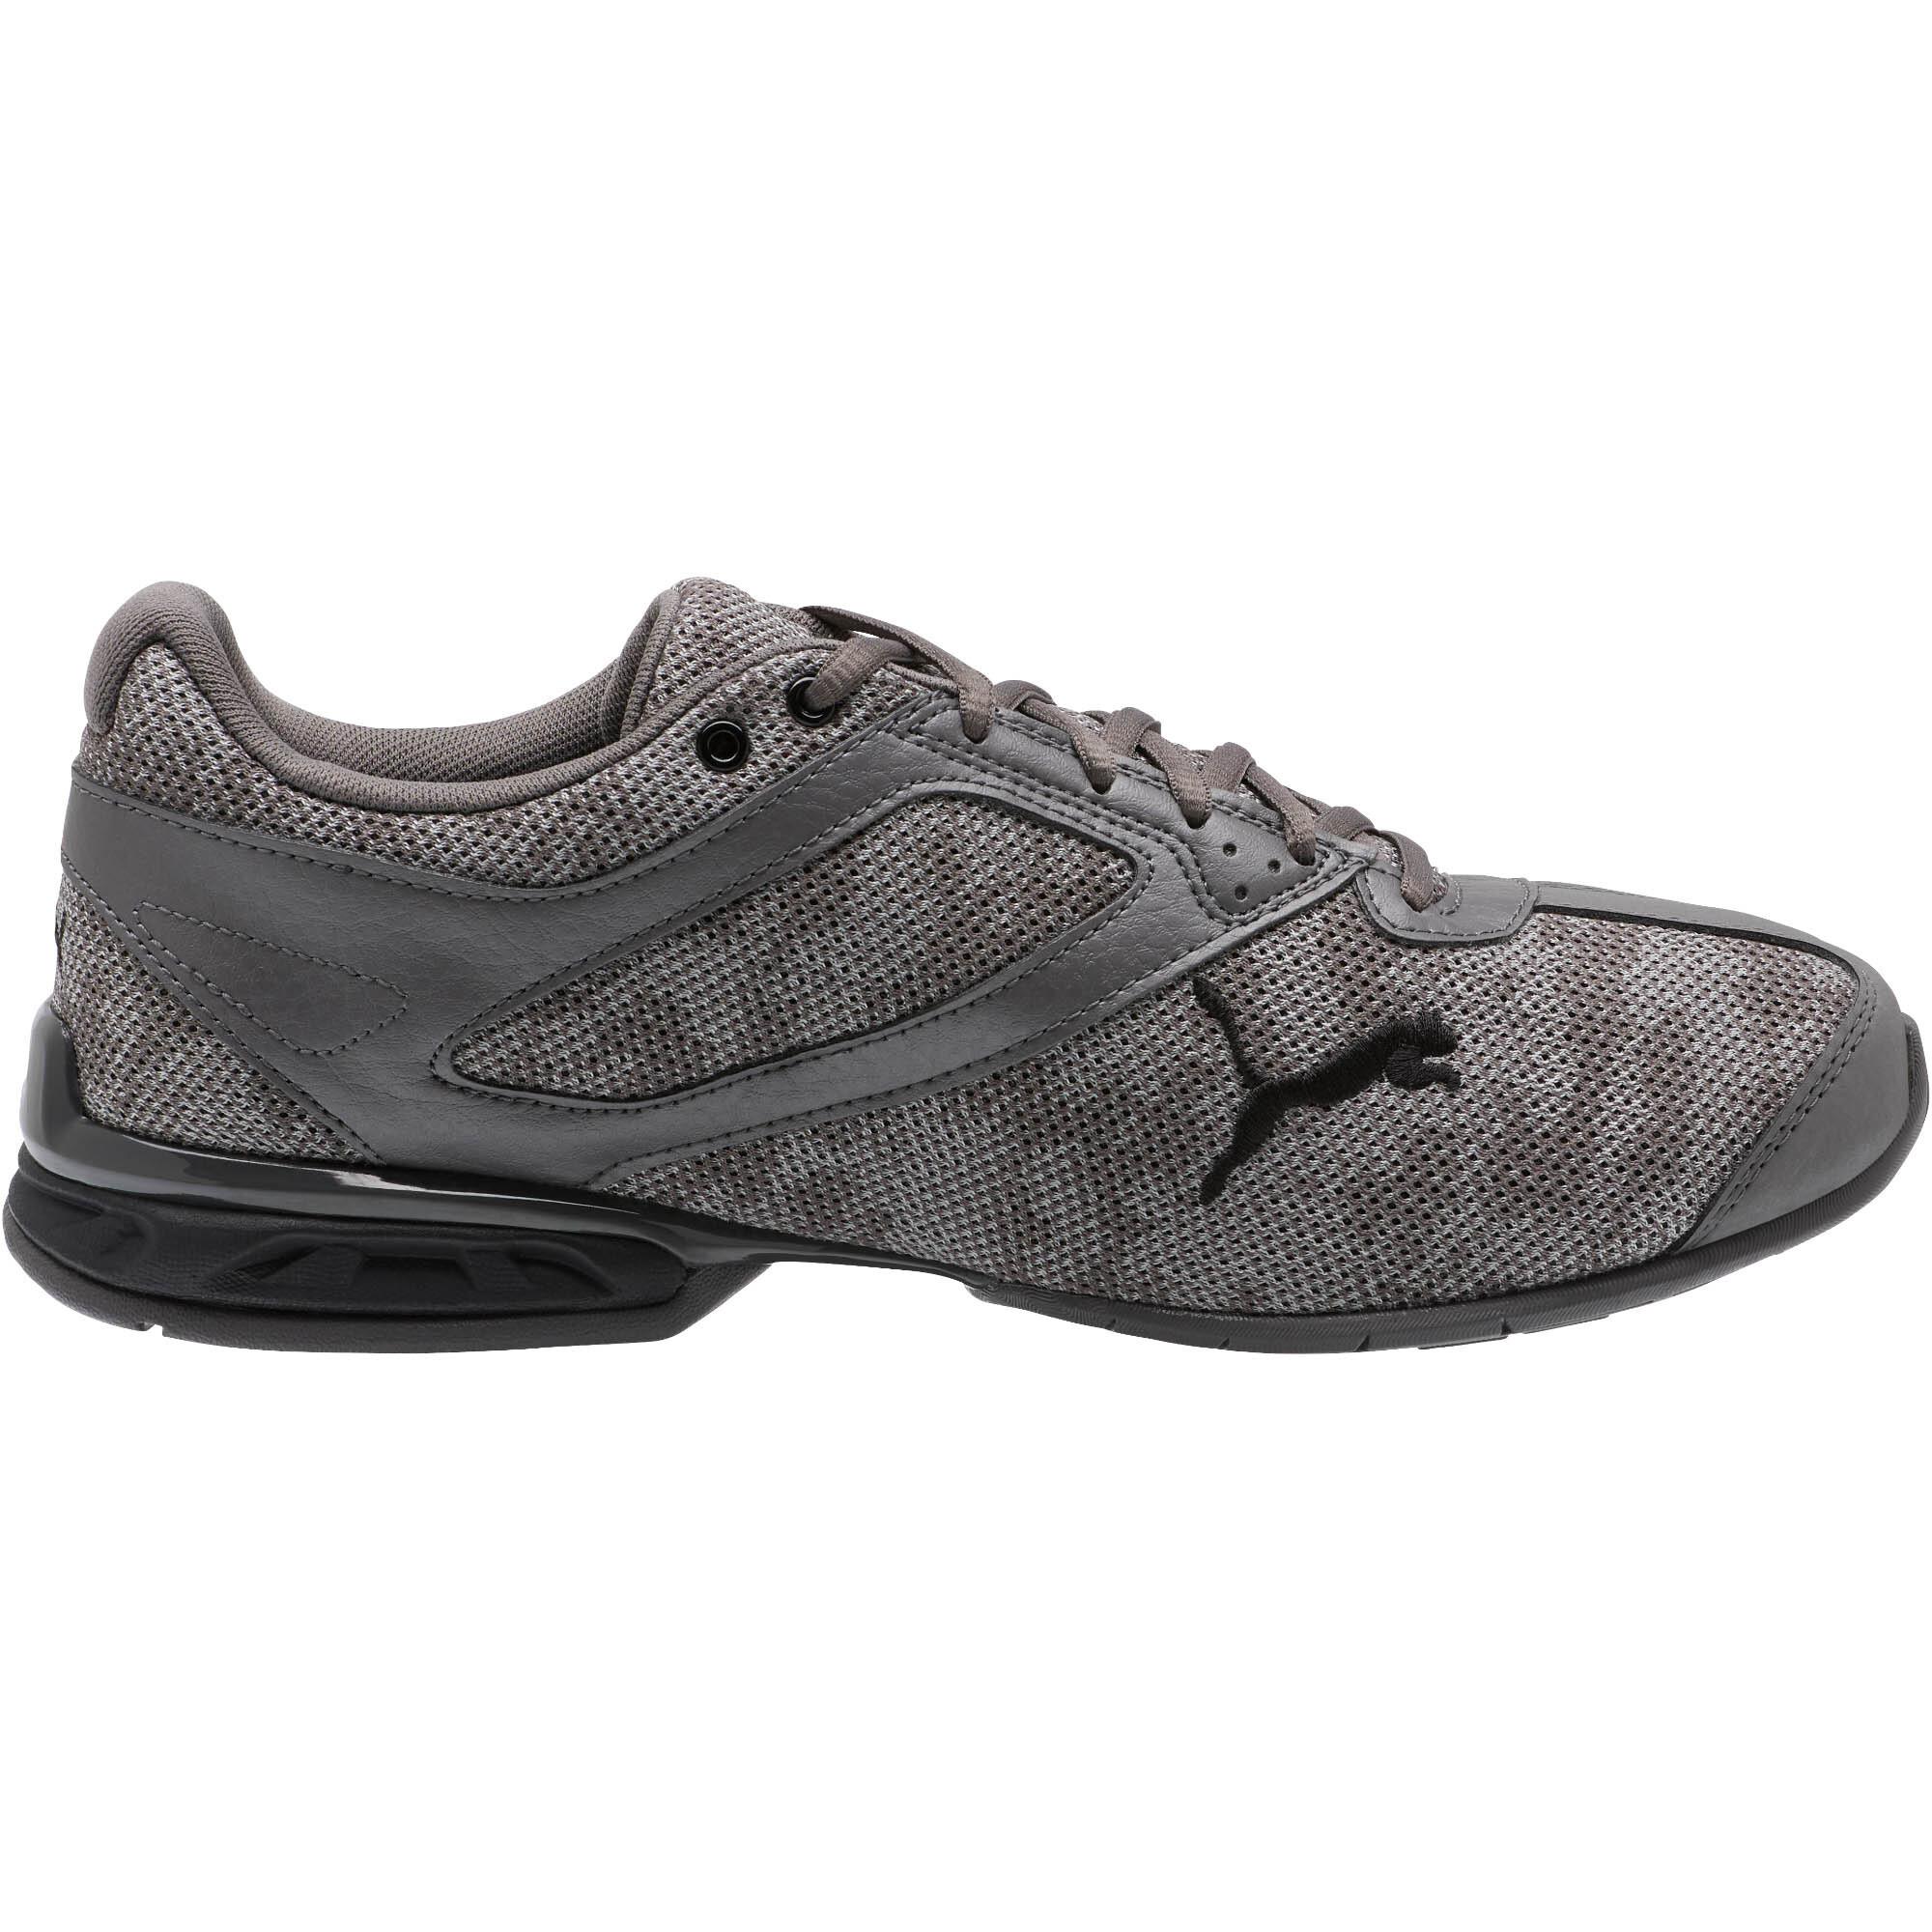 Puma-Tazon-6-Camo-Mesh-Scarpe-da-ginnastica-Uomo-scarpa-in-esecuzione miniatura 10